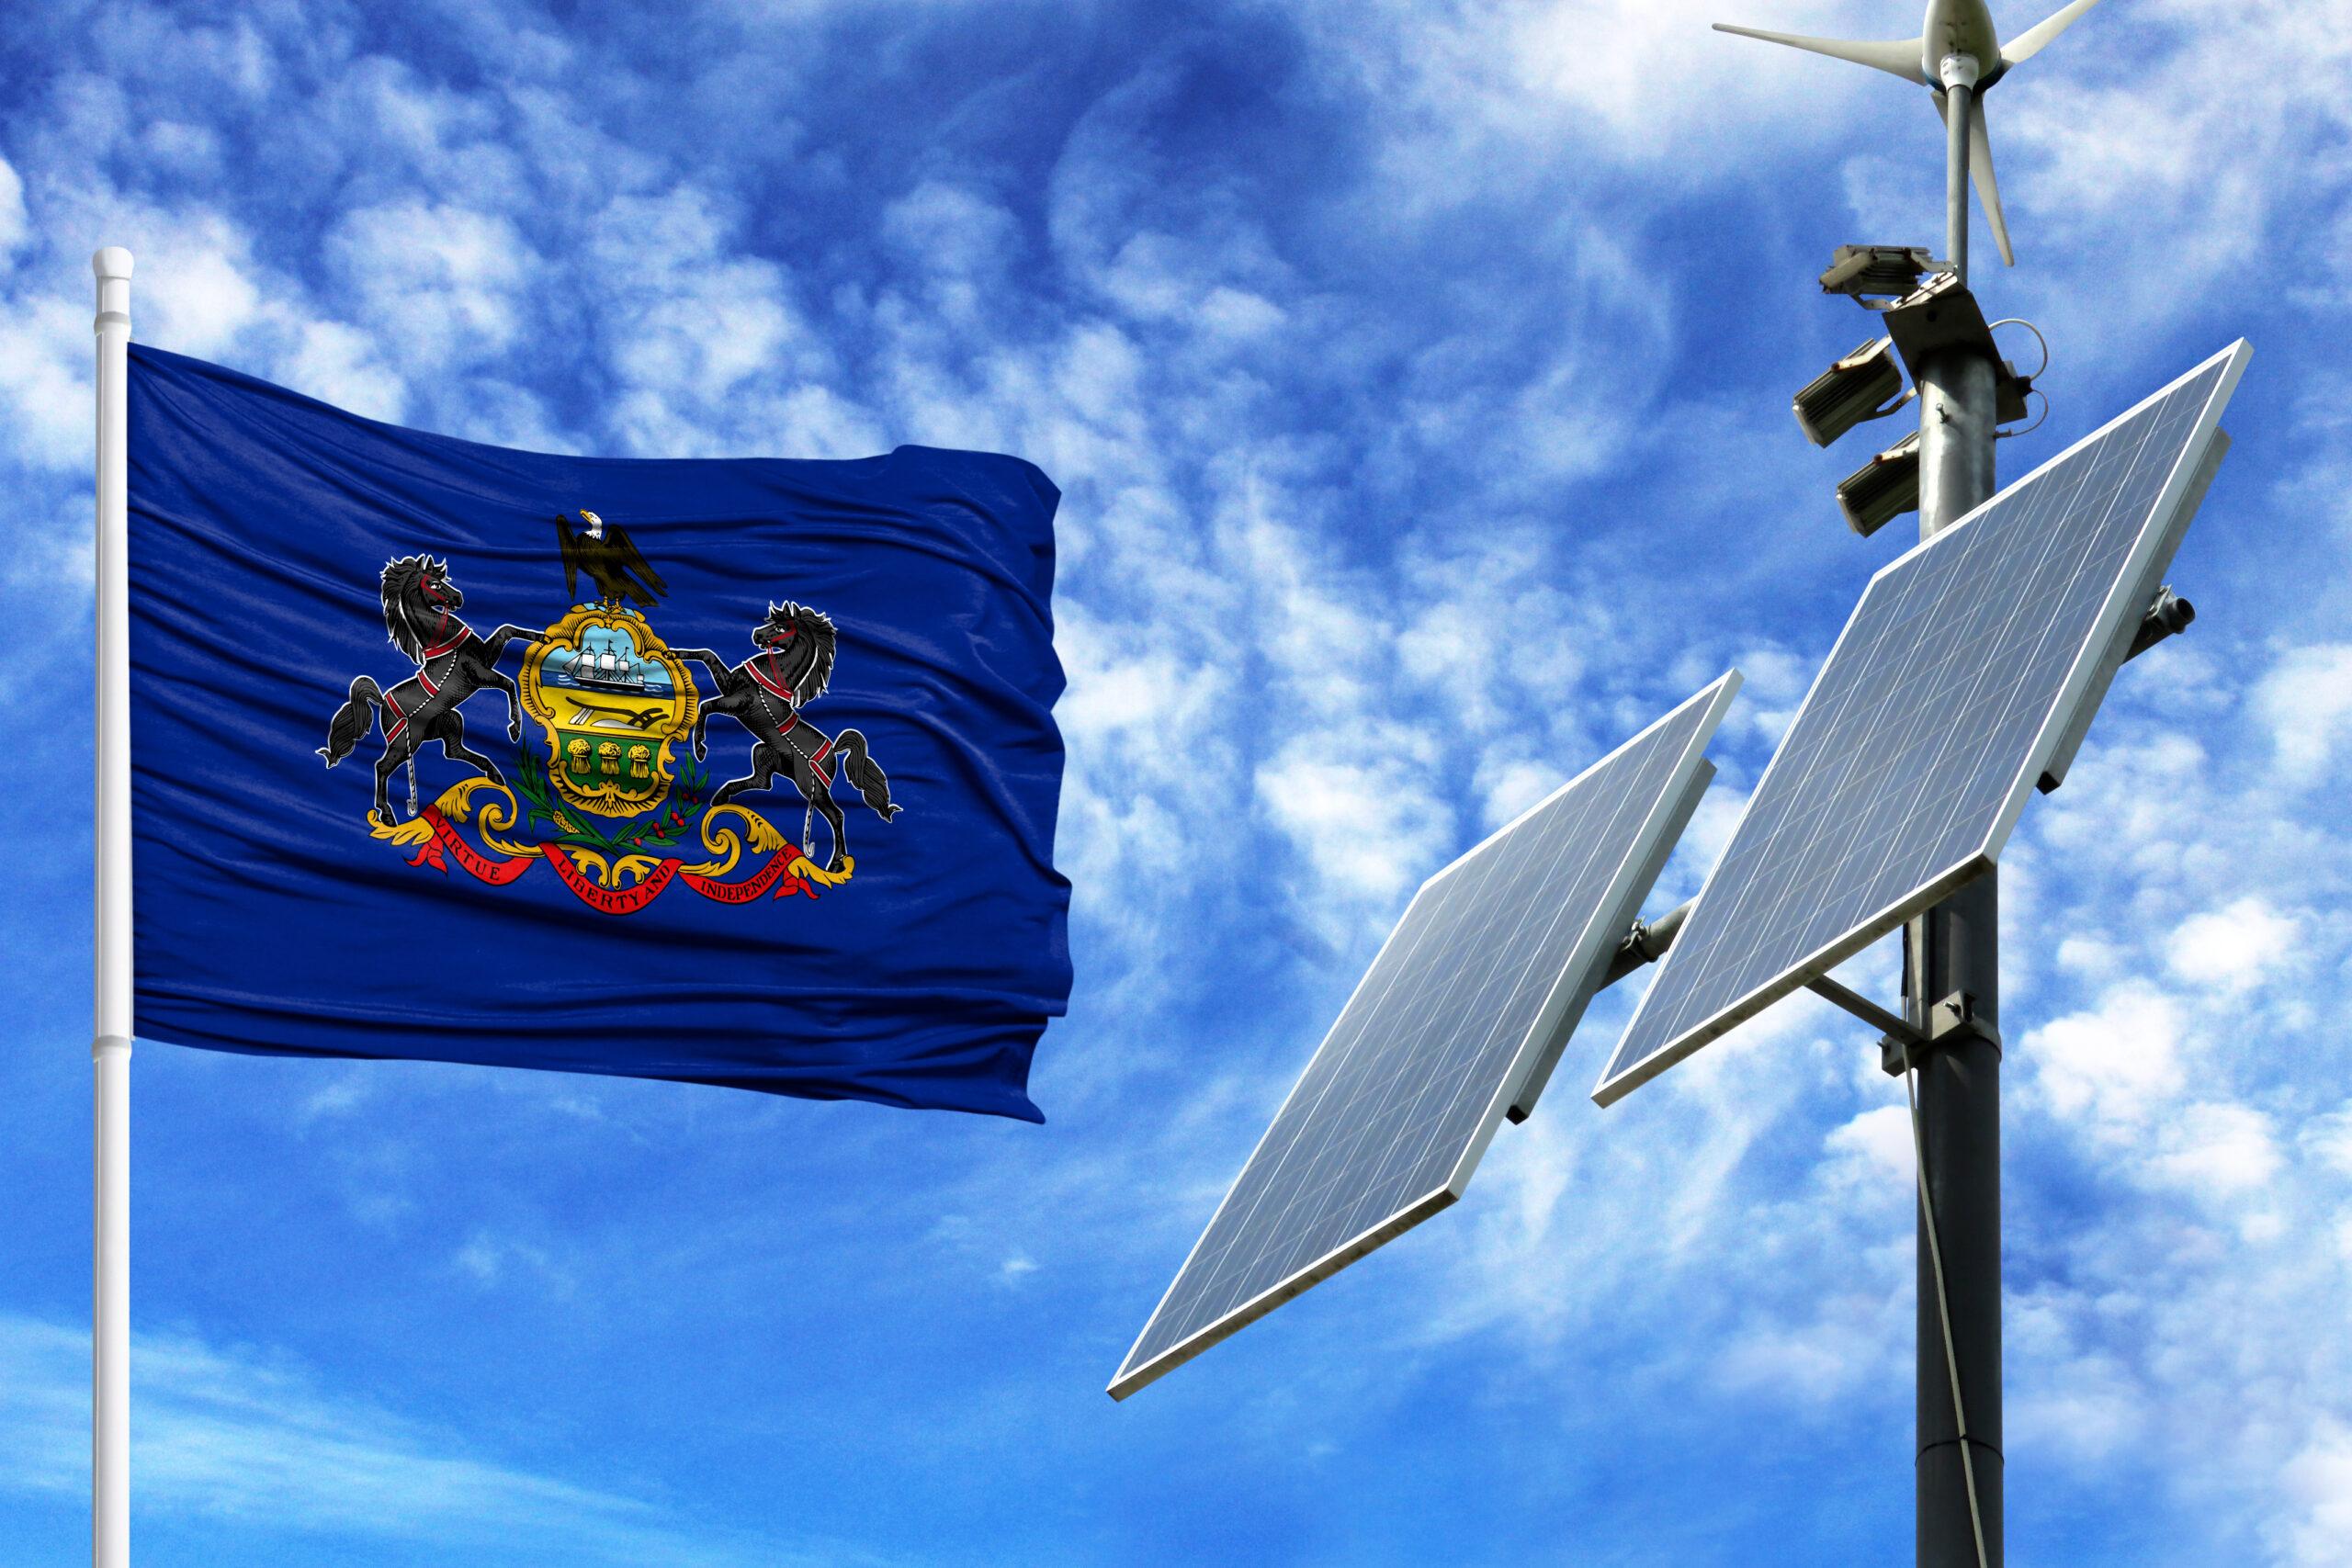 The Pennsylvania State flag waves near a solar panel.